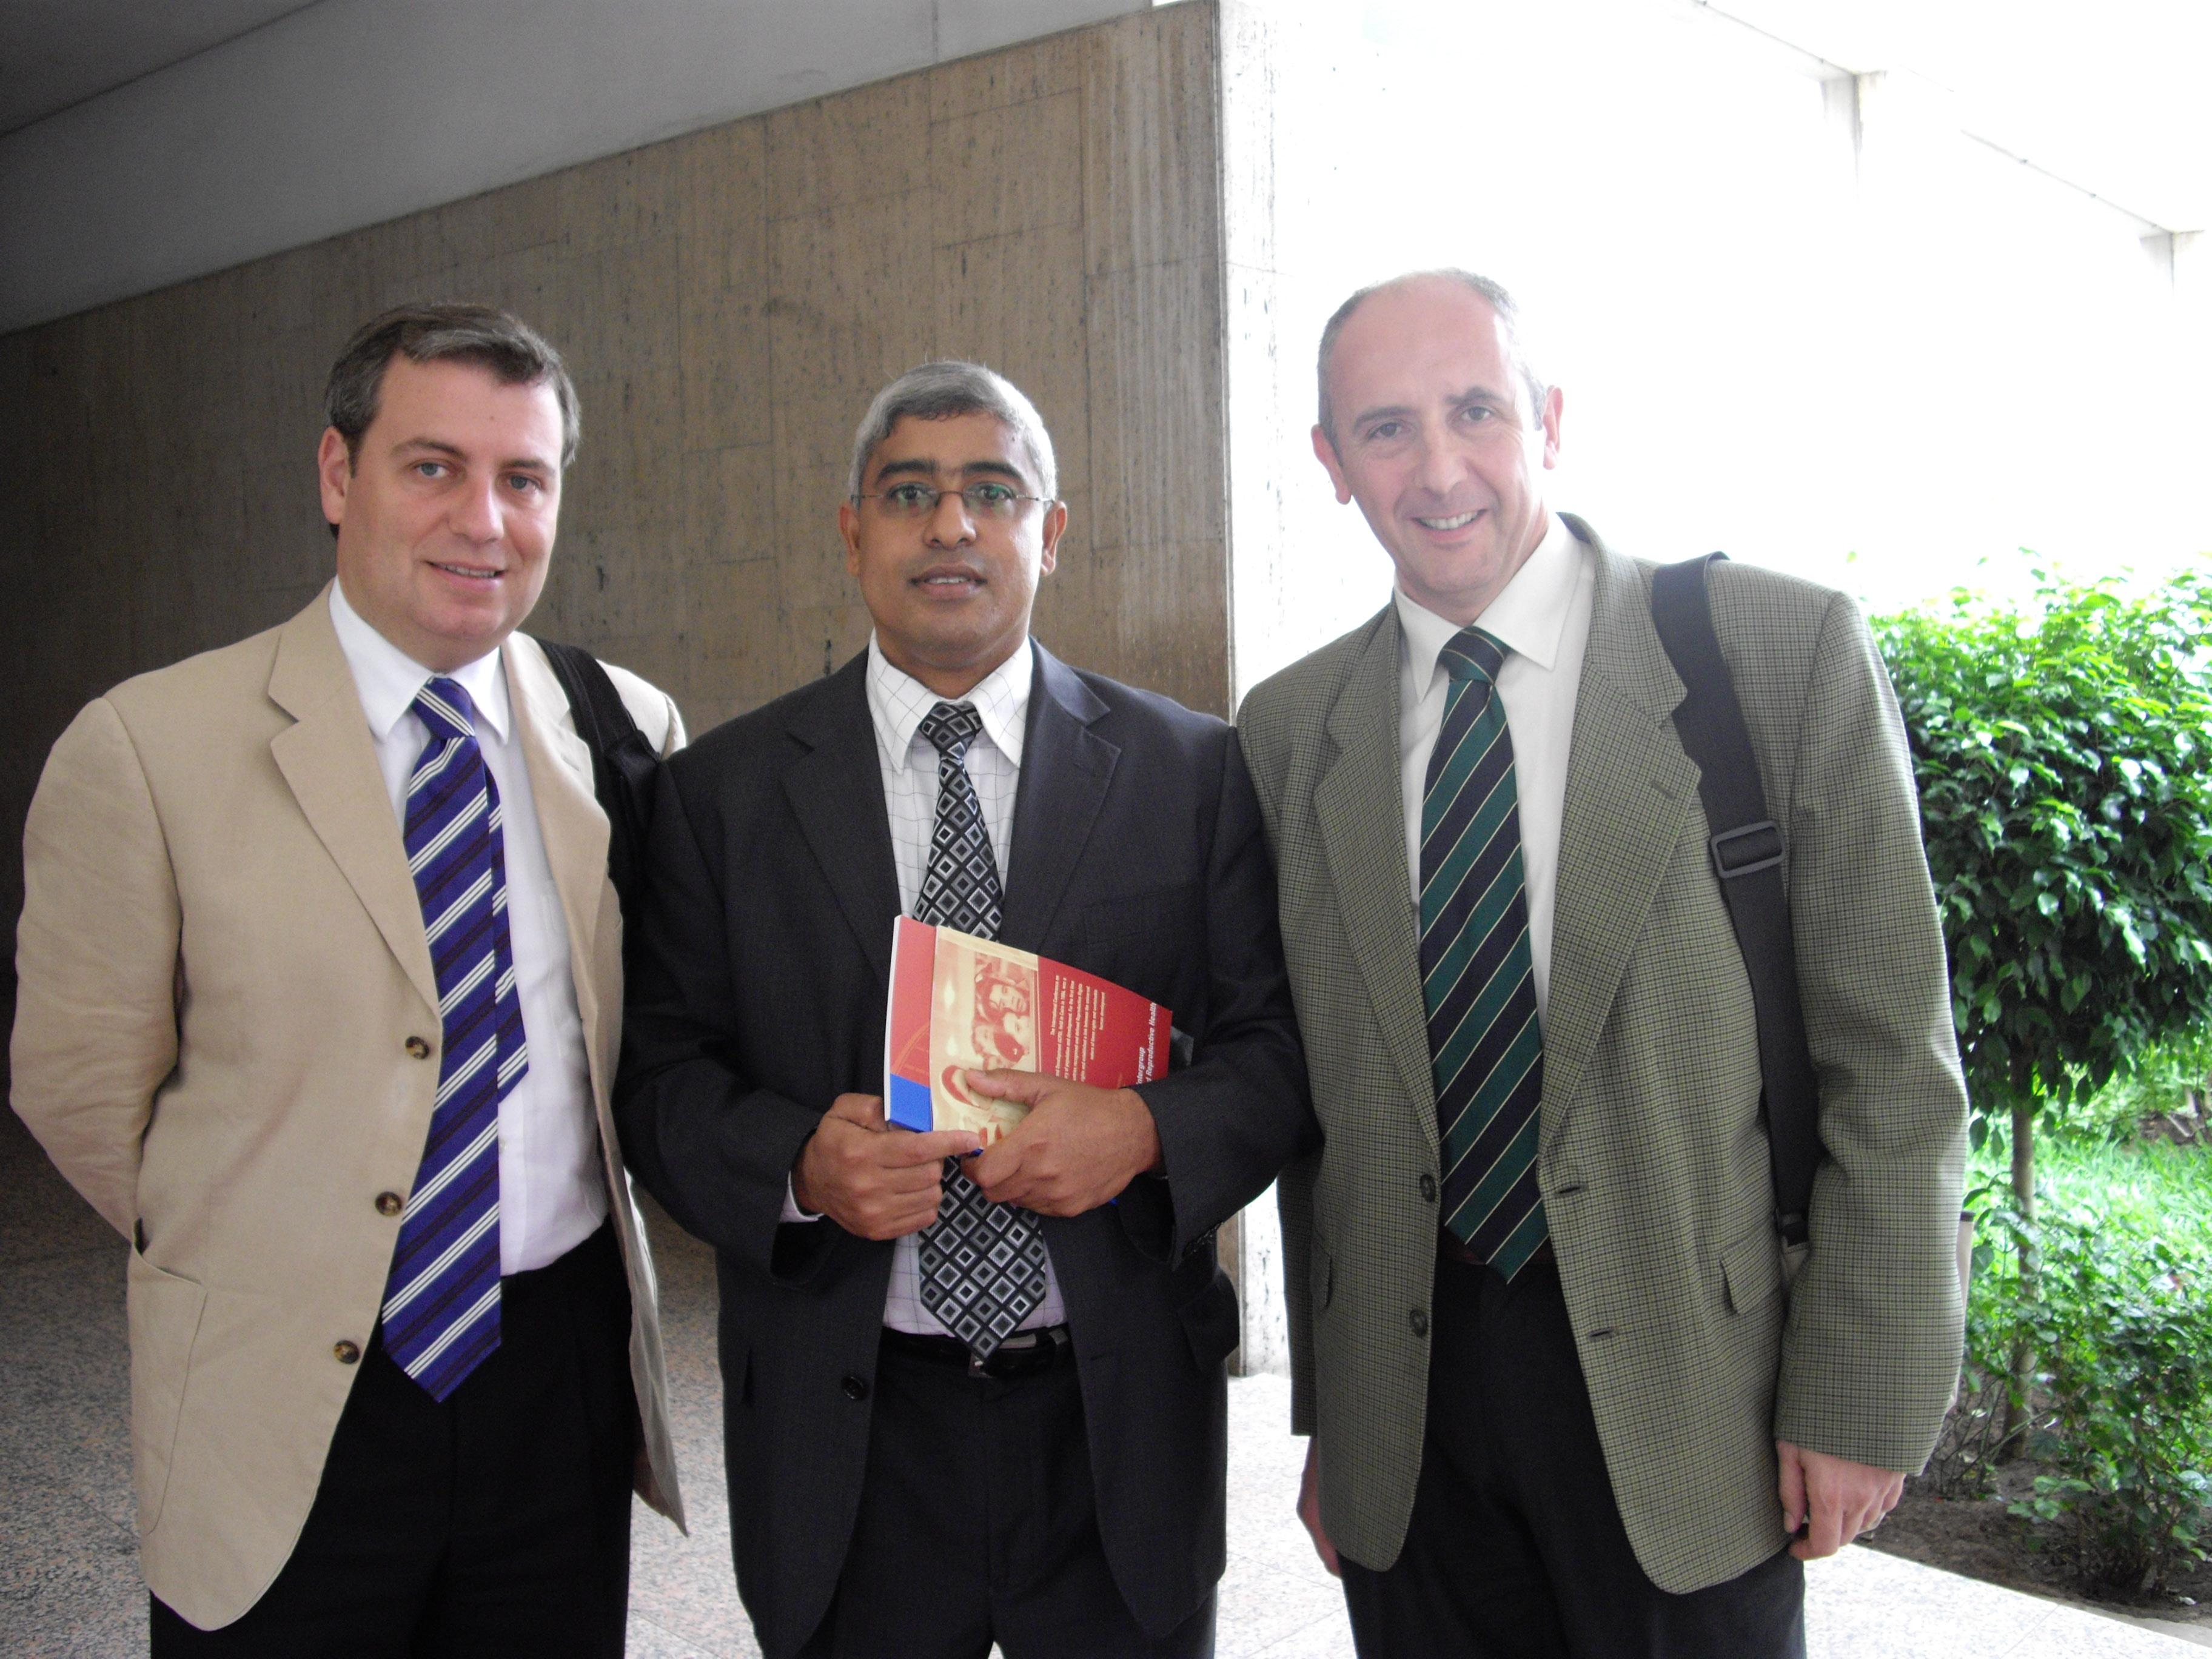 Con Jordi Xucla, diputado de CiU e Ismael Mussa, diputado de la RENAMO